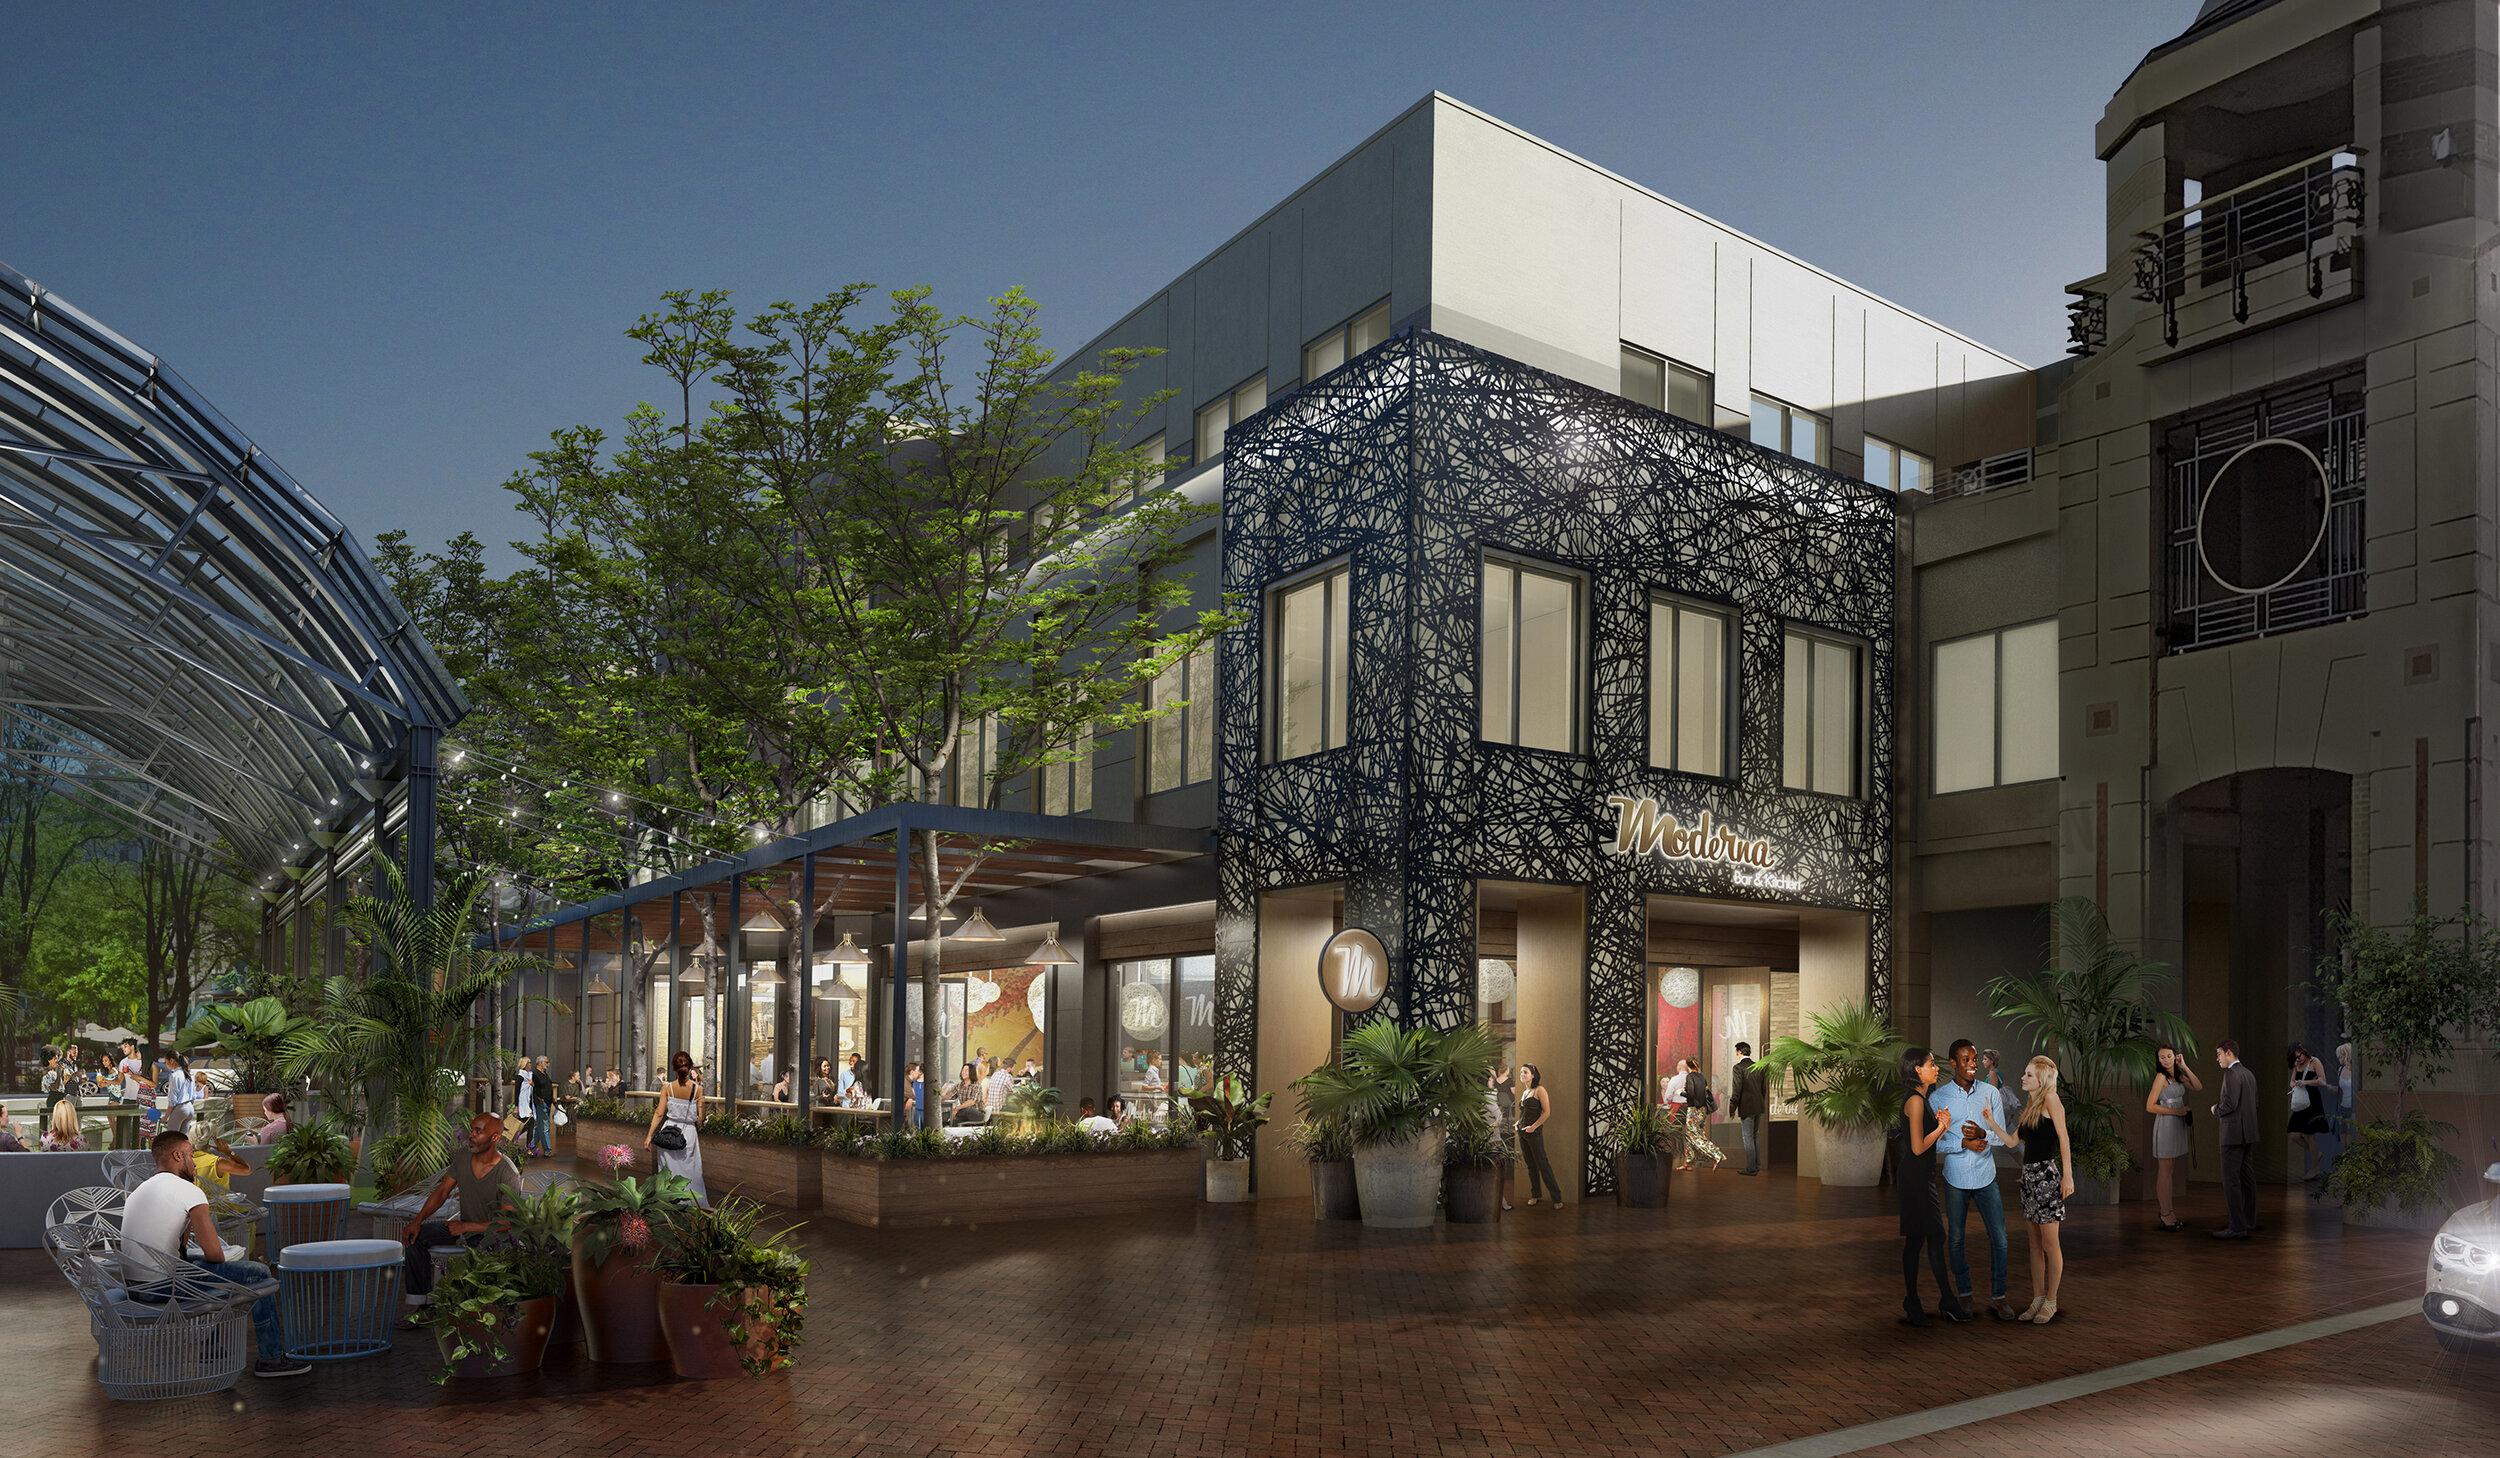 RESTON TOWN CENTER   3D modeling, still illustration, marketing  EXPLORE